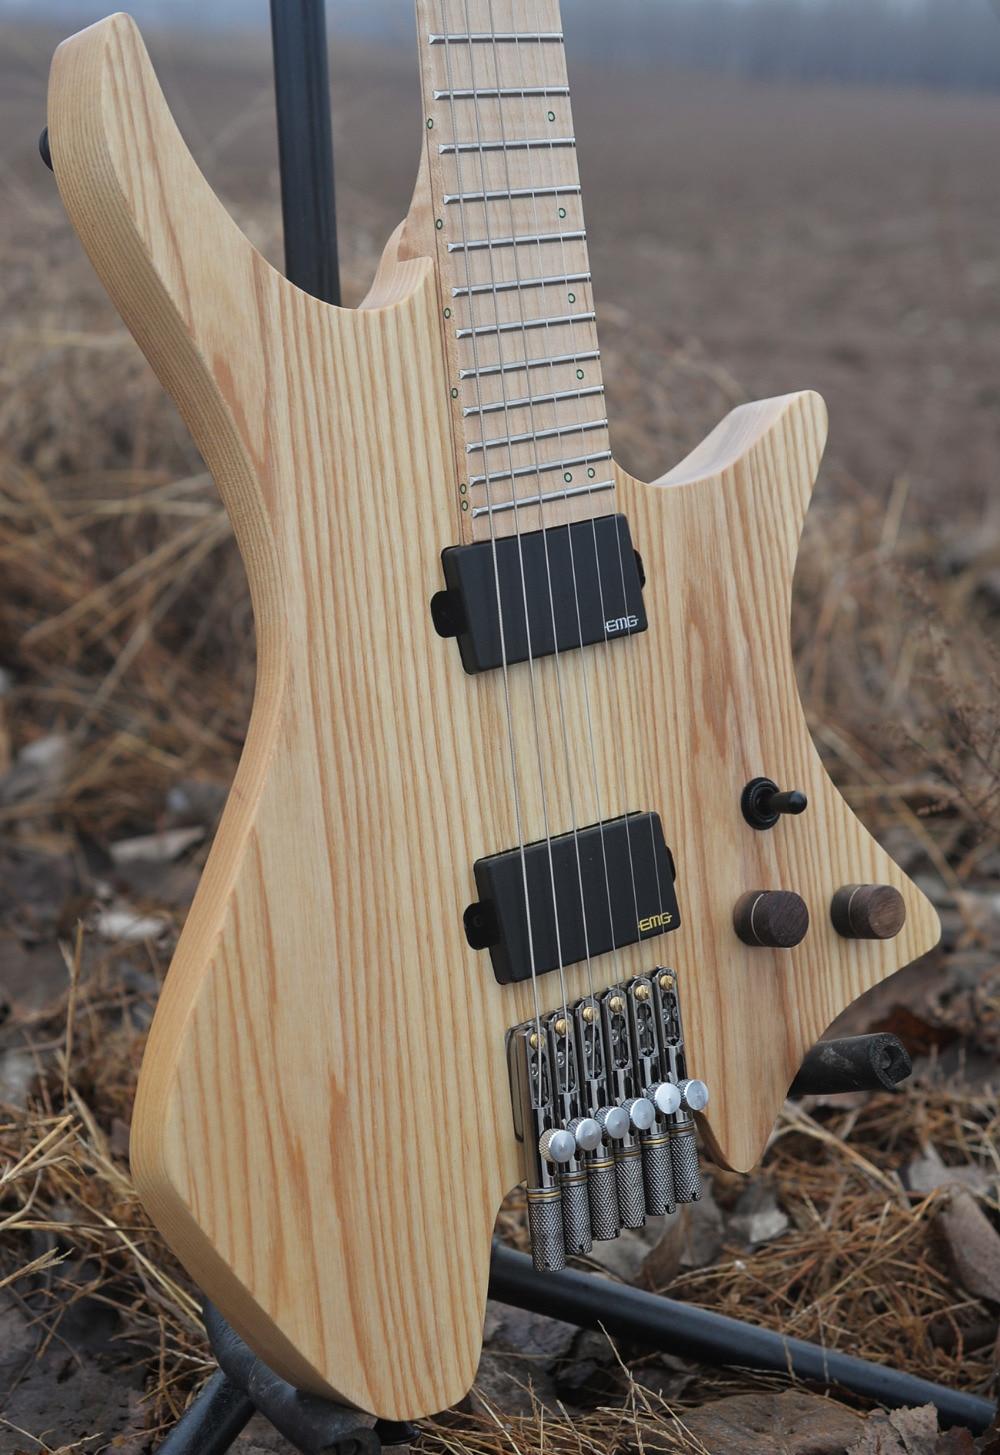 2018 Nouveau NK Sans Tête guitare Attisé Frette guitares Modèle Bois Clair Couleur Flamme manche érable Guitare livraison gratuite